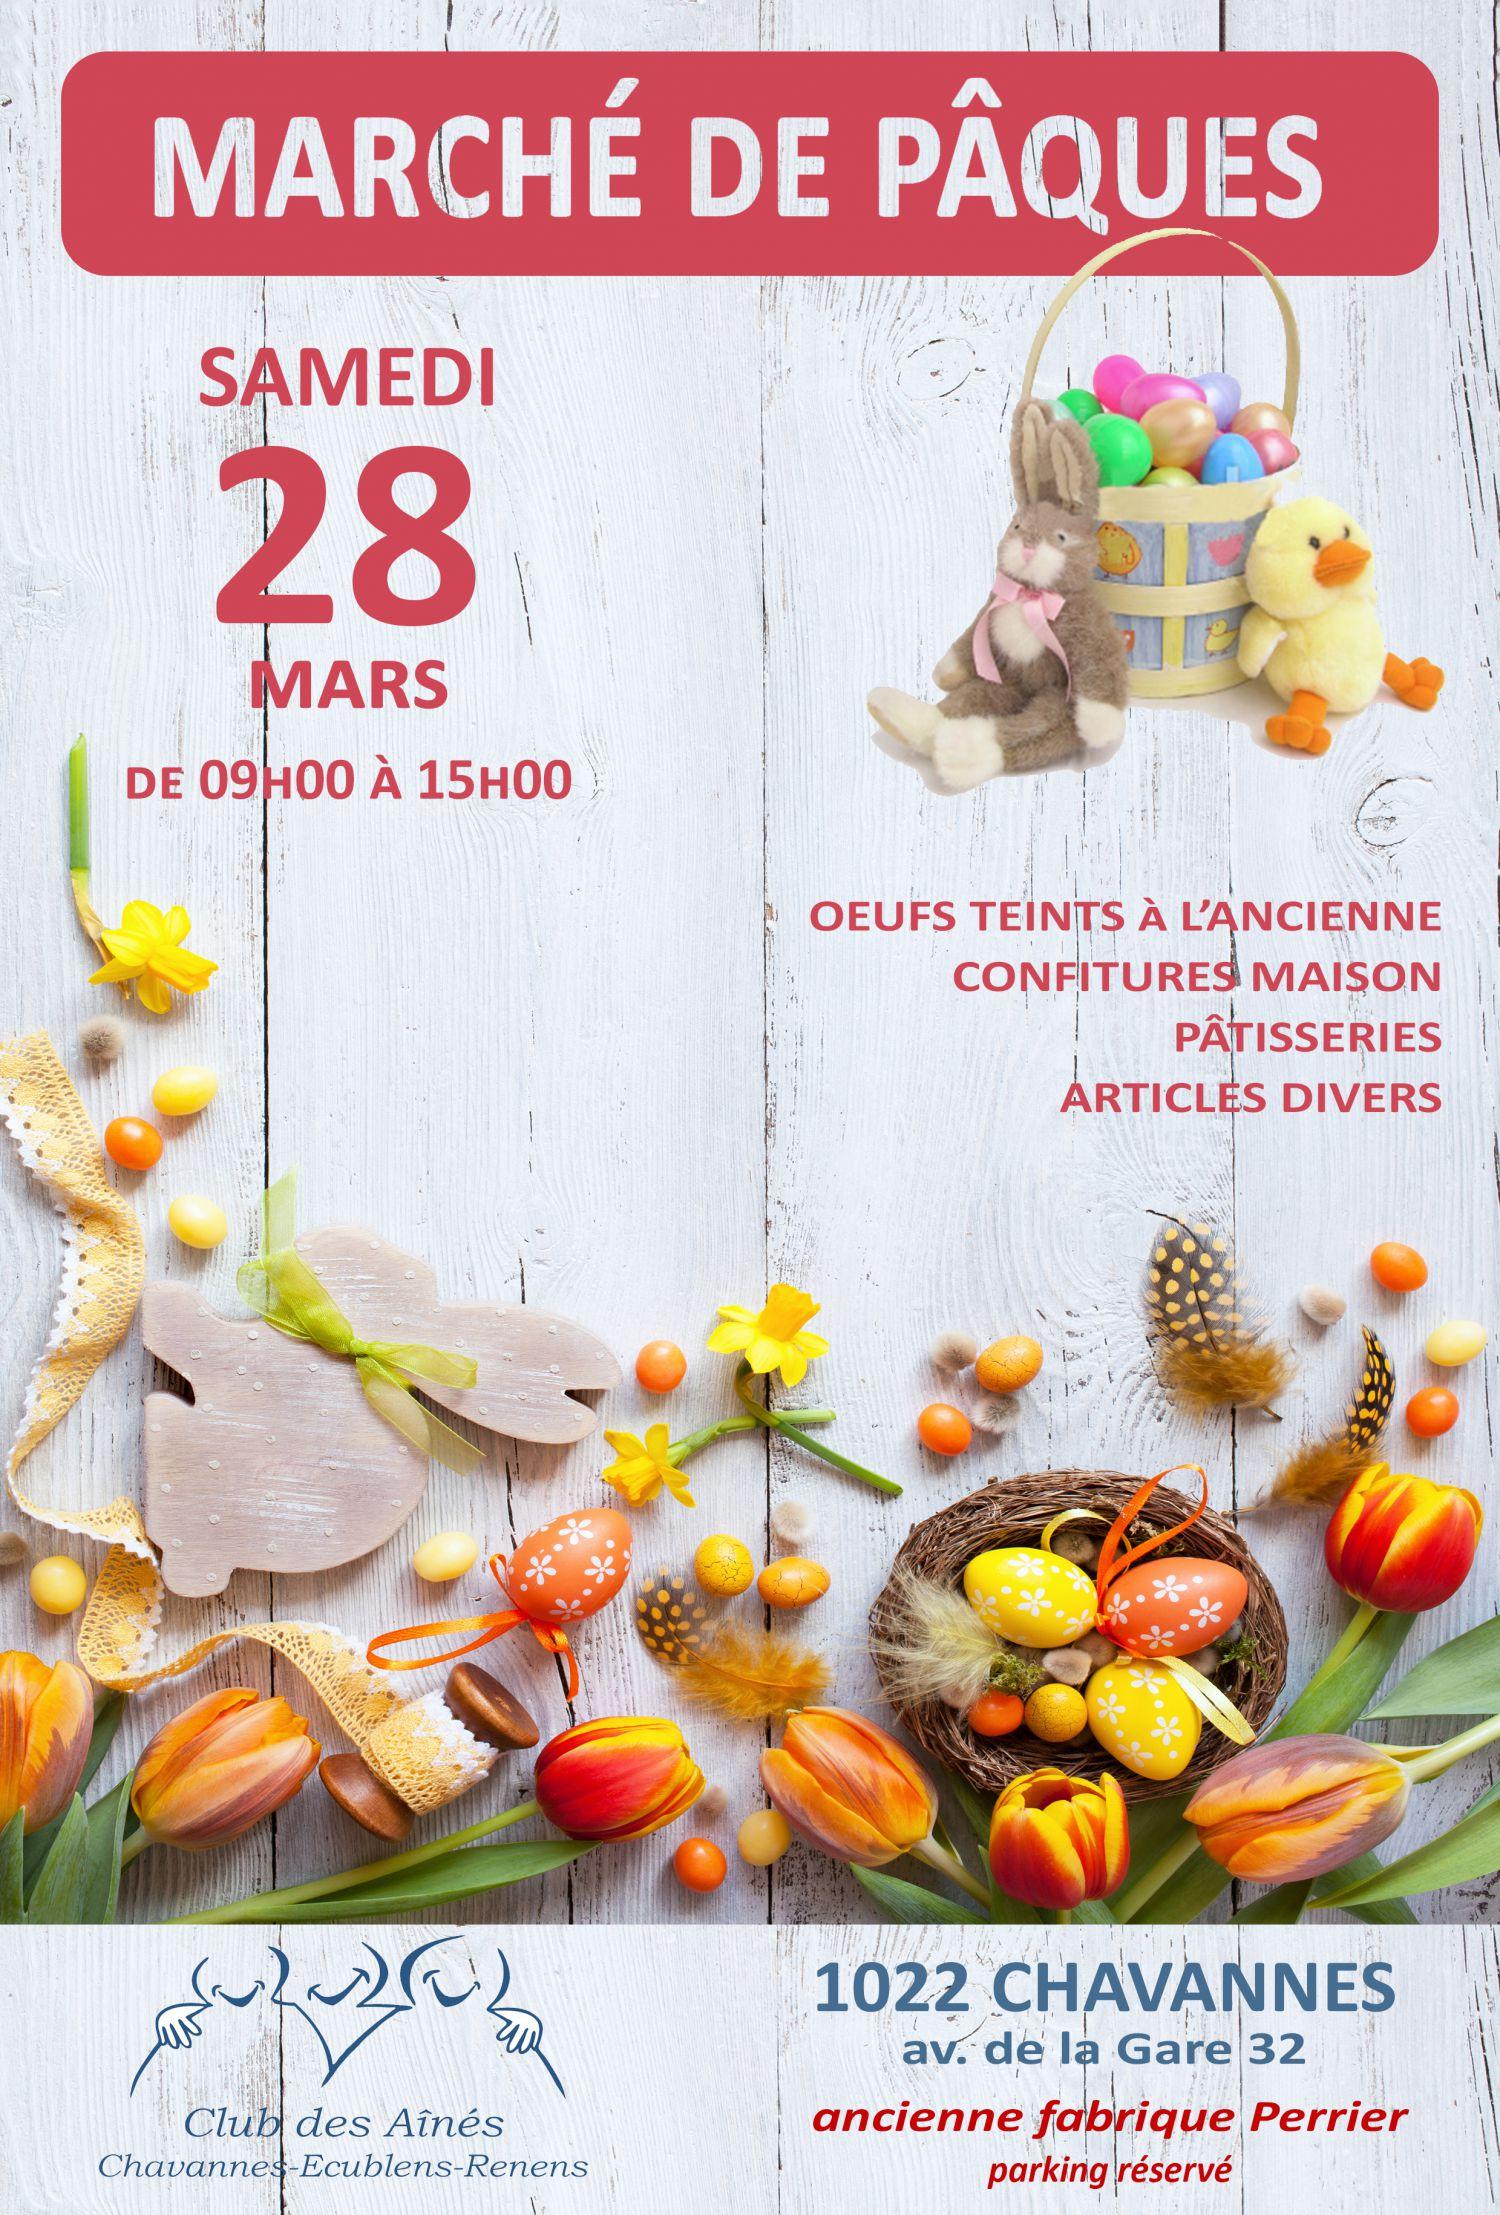 Marché de Pâques du Club des Aînés de Chavannes-Ecublens-Renens